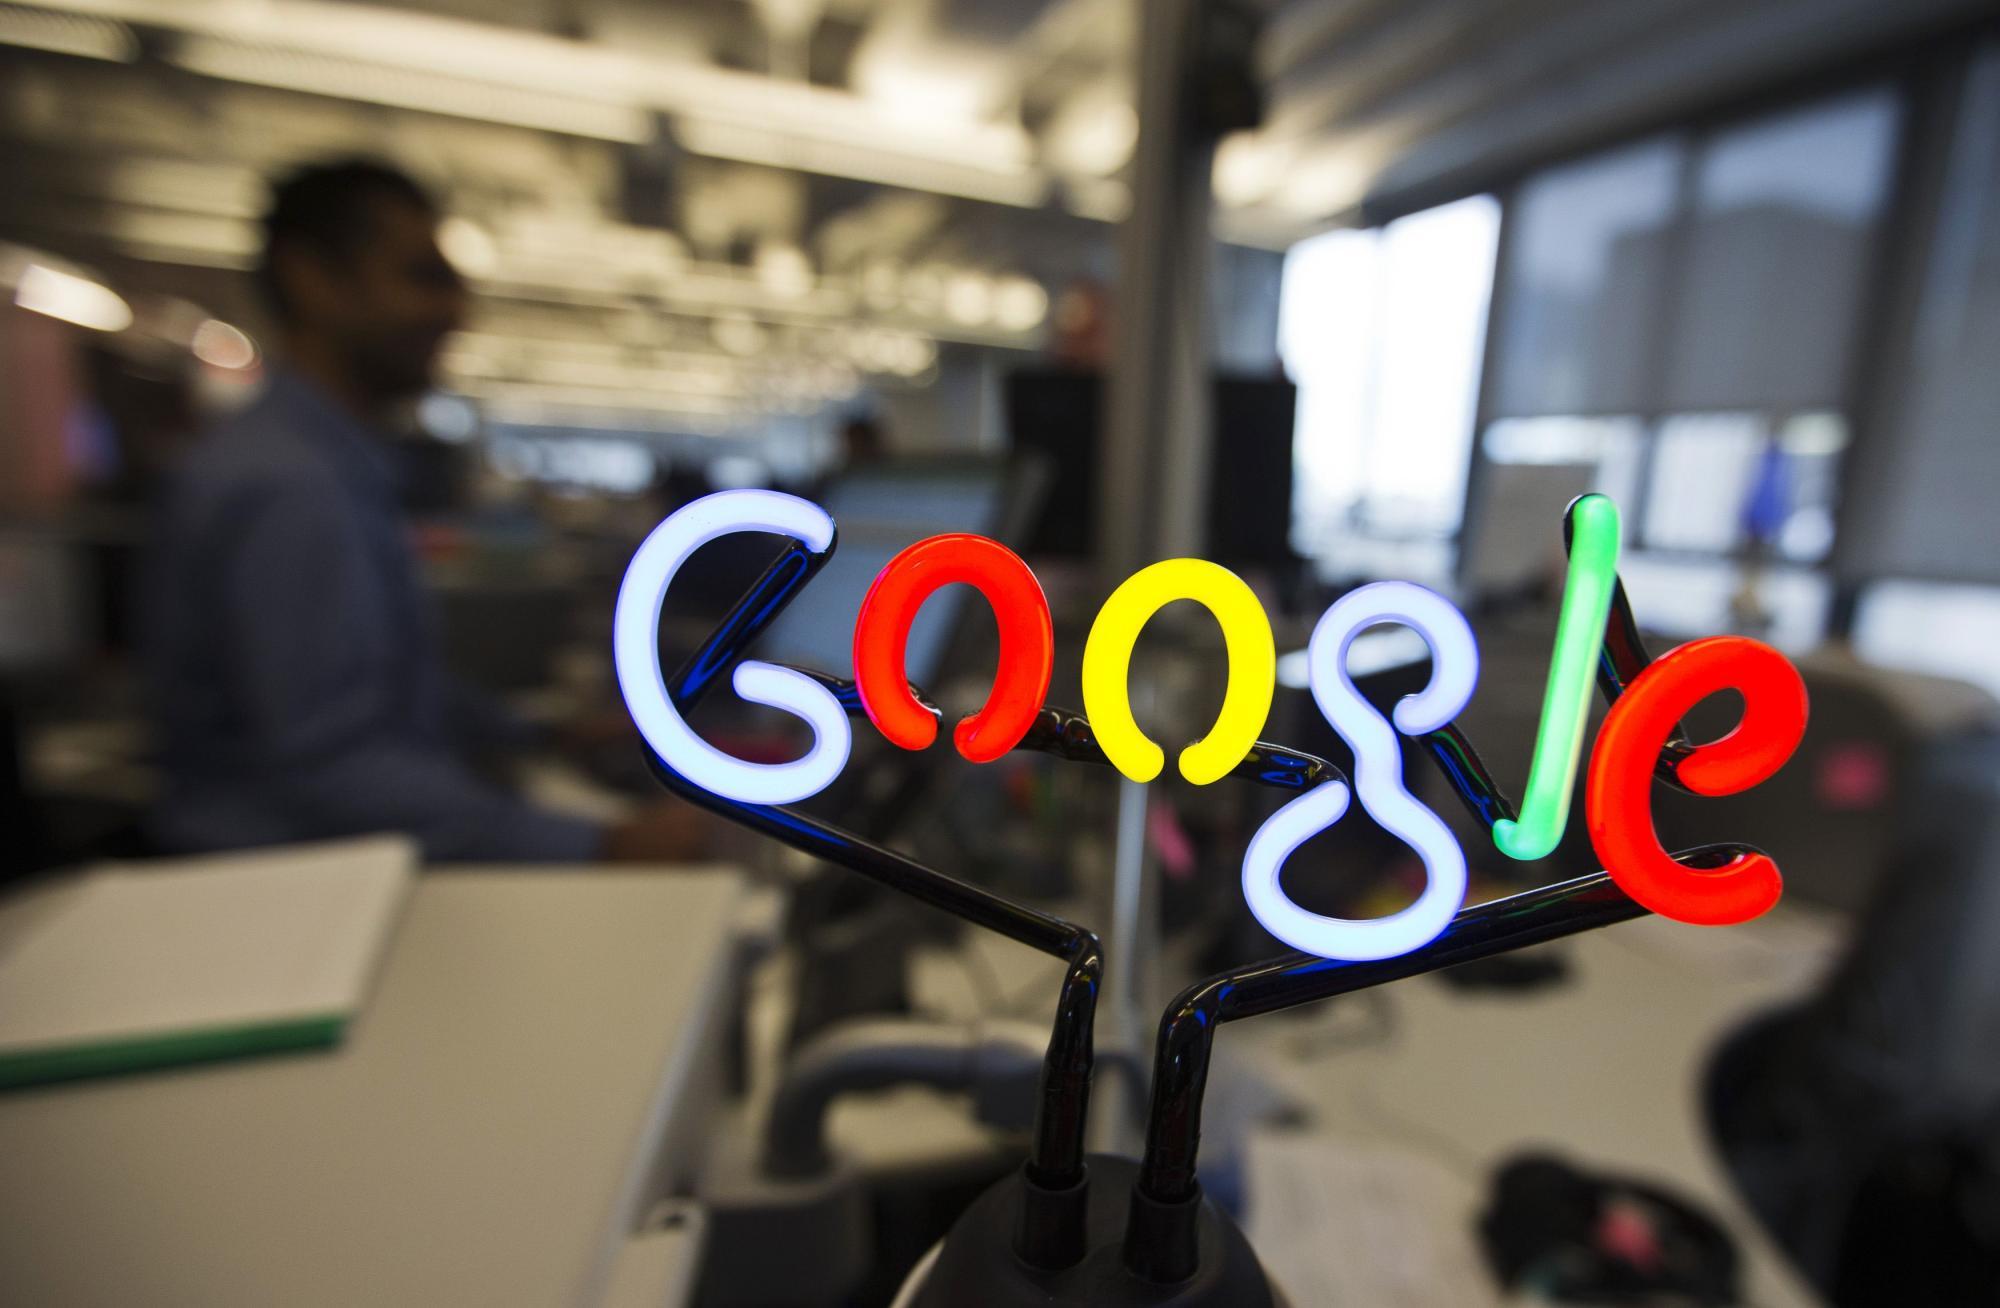 谷歌被提起集体诉讼:在员工薪酬上涉嫌歧视女性